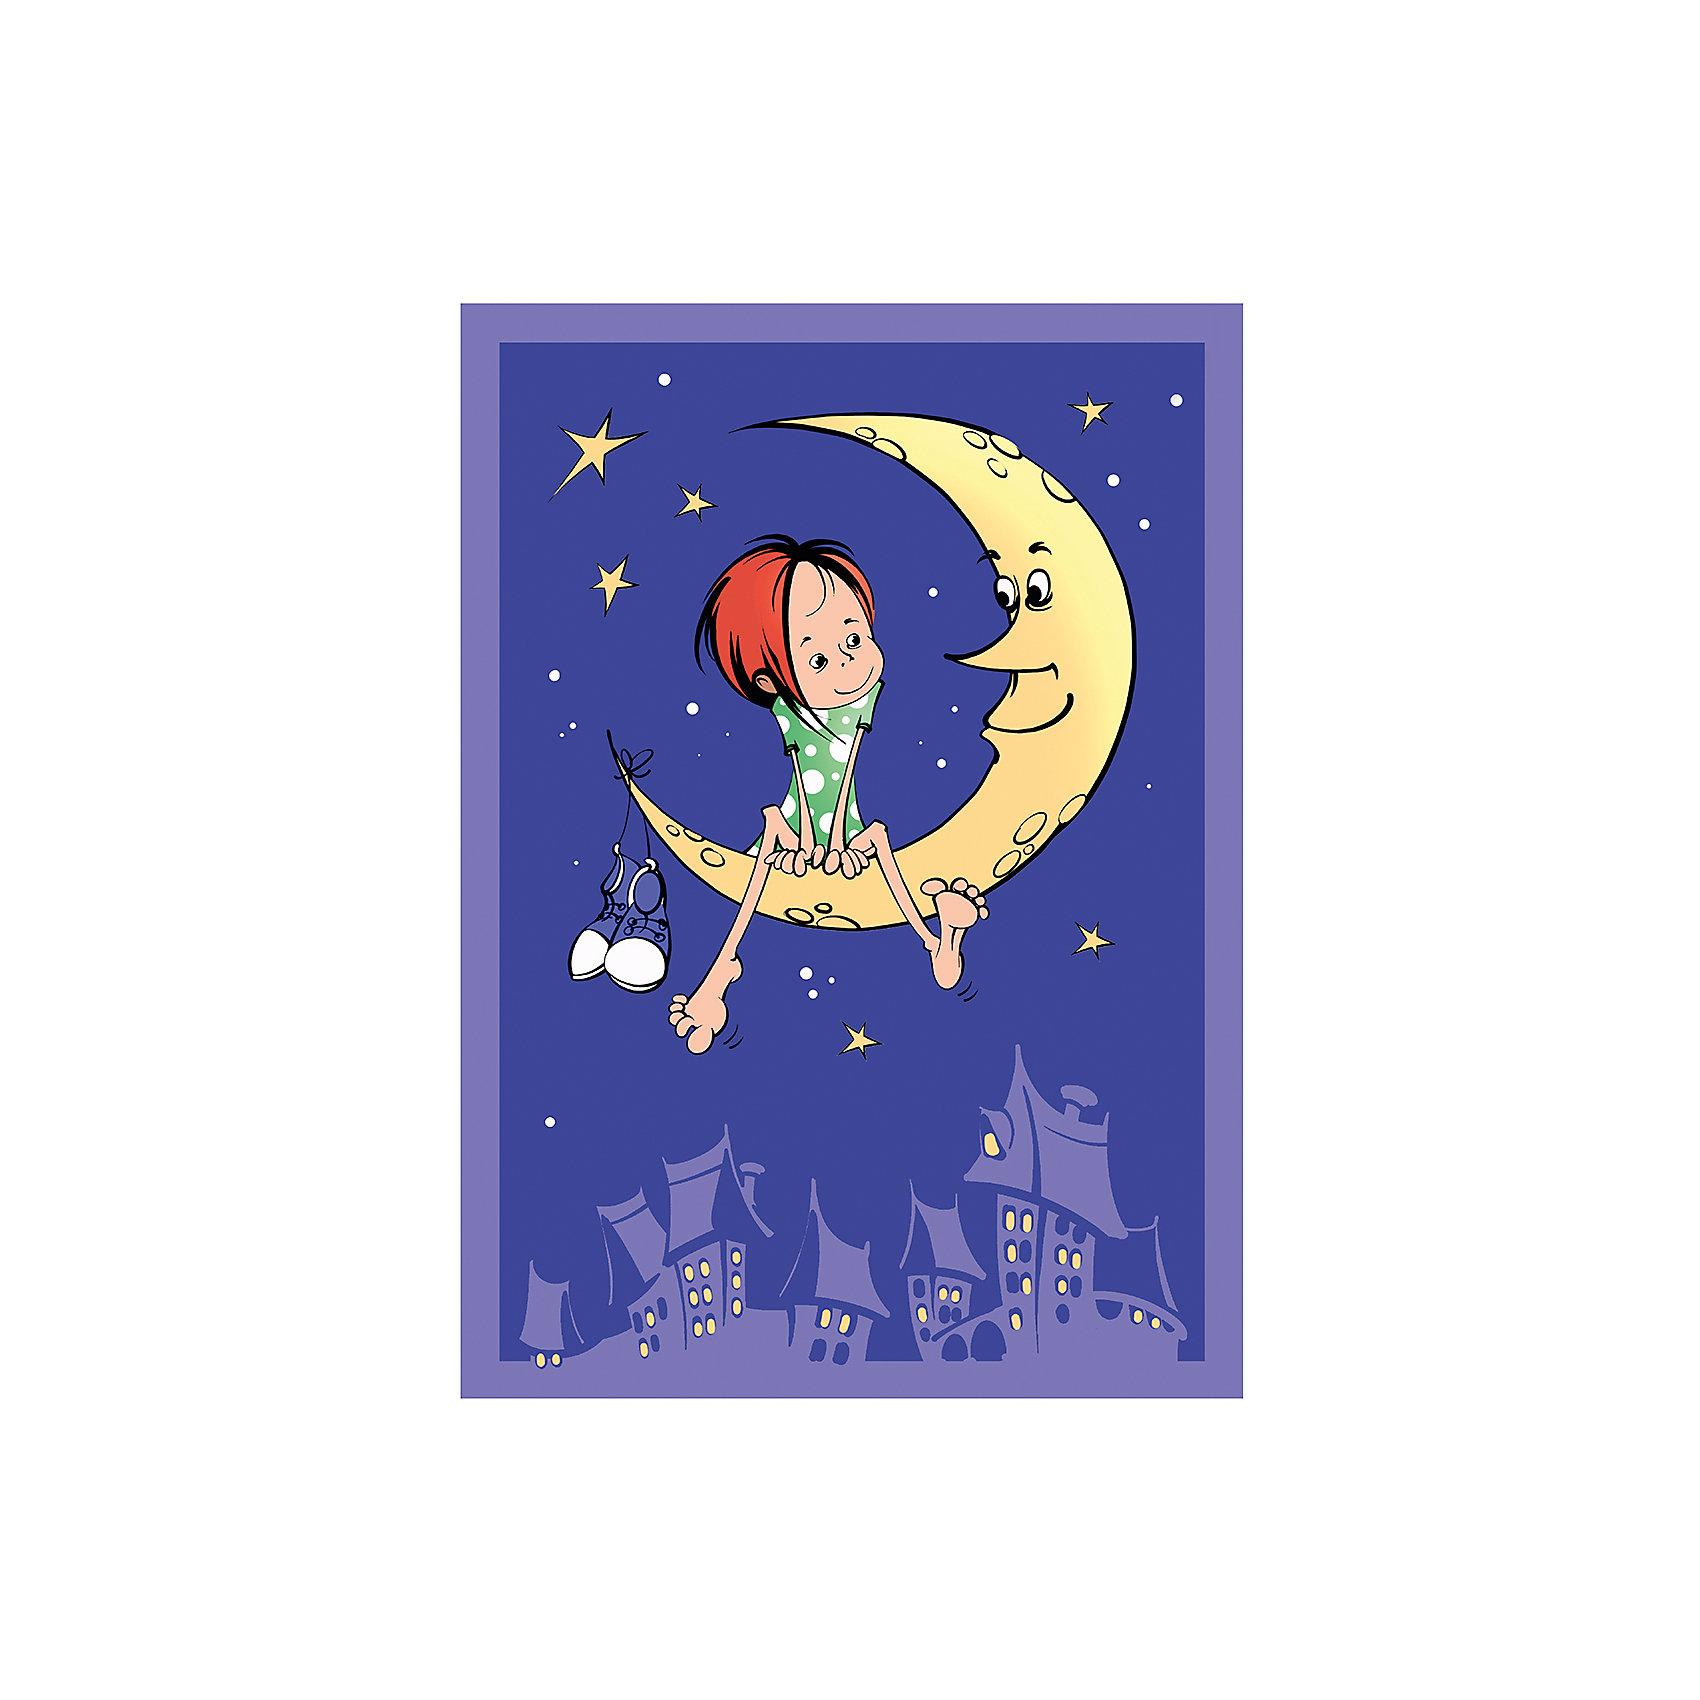 Плед-покрывало На луне VELSOFT,100% п/э,разм. 100х140,2-х стор., Baby NiceОдеяла, пледы<br>Правильные постельные принадлежности для детей должны быть качественными и безопасными. Этот плед-покрывало разработан специально для малышей, оно обеспечивает комфорт на всю ночь. Плед украшен симпатичным принтом.<br>Пледик сшит из мягкого легкого  материала - велсофта, приятного на ощупь. Он не вызывает аллергии, что особенно важно для малышей. Покрывало обеспечит хорошую терморегуляцию, а значит - крепкий сон. Плед сделан из высококачественных материалов, безопасных для ребенка.<br><br>Дополнительная информация:<br><br>цвет: разноцветный;<br>материал: велсофт;<br>принт;<br>размер: 100 х 140 см;<br>обработка: оверлок;<br>двустороннее.<br><br>Плед-покрывало  На луне VELSOFT,100% п/э,разм. 100х140,2-х стор., от компании Baby Nice можно купить в нашем магазине.<br><br>Ширина мм: 10<br>Глубина мм: 20<br>Высота мм: 10<br>Вес г: 500<br>Возраст от месяцев: 0<br>Возраст до месяцев: 36<br>Пол: Унисекс<br>Возраст: Детский<br>SKU: 4941810